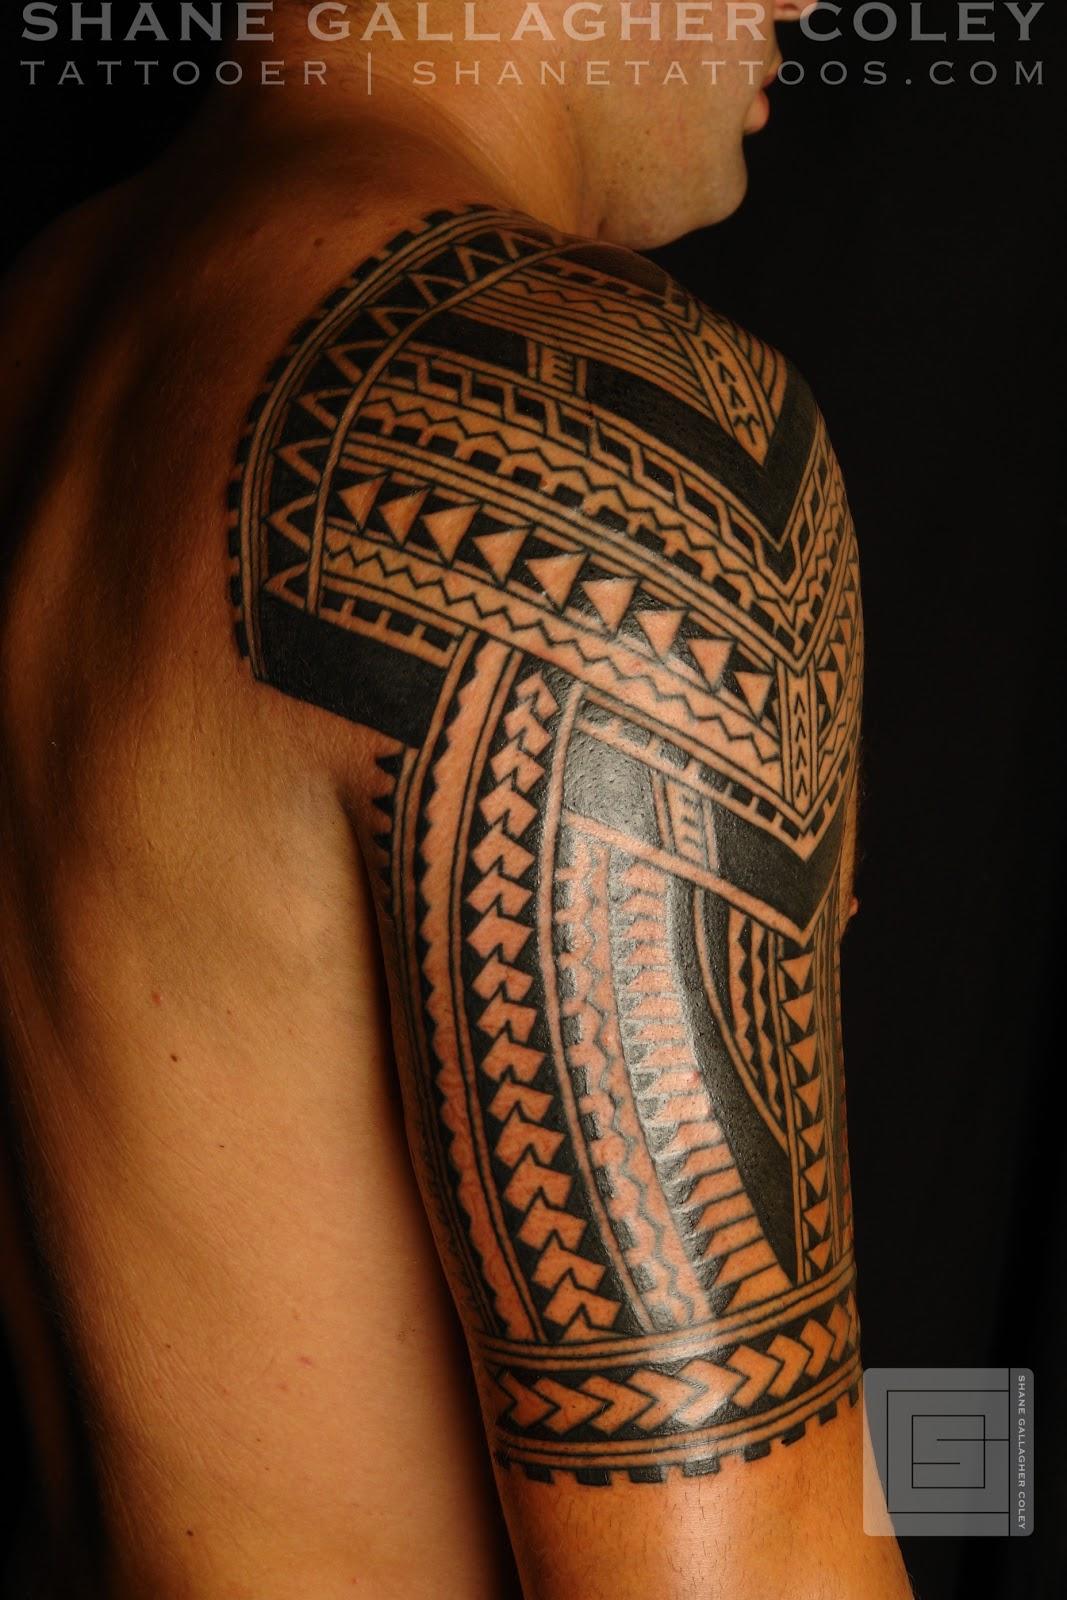 Maori Half Sleeve Tattoo: MAORI POLYNESIAN TATTOO: Polynesian Half Sleeve